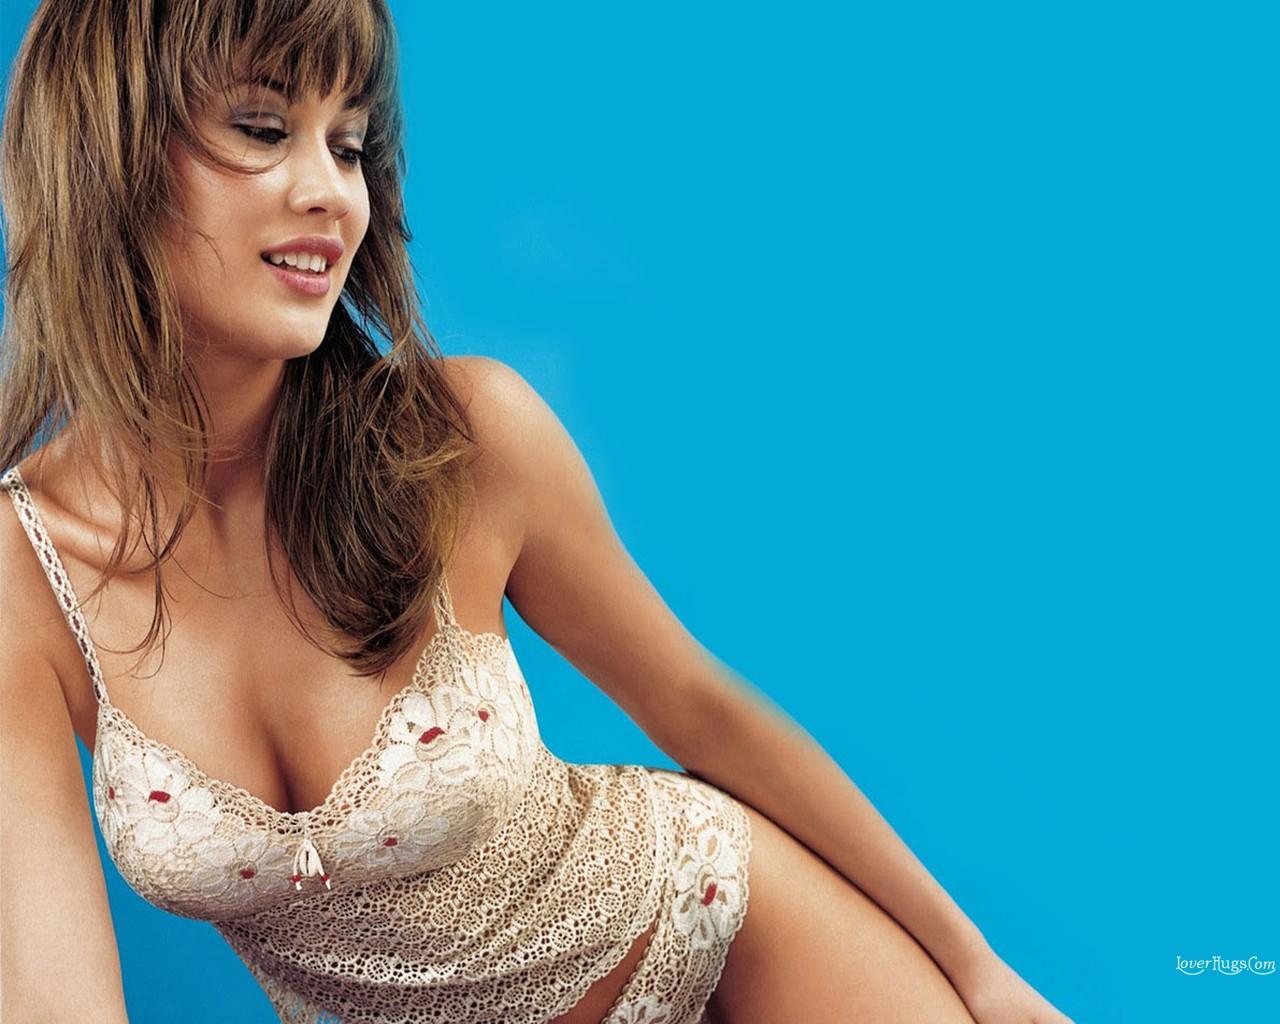 http://1.bp.blogspot.com/_y3-EyLga9_8/TKY3y5bsbsI/AAAAAAAAAhM/CjlWCUvYVj0/s1600/Olga_Kurylenko_71.jpg